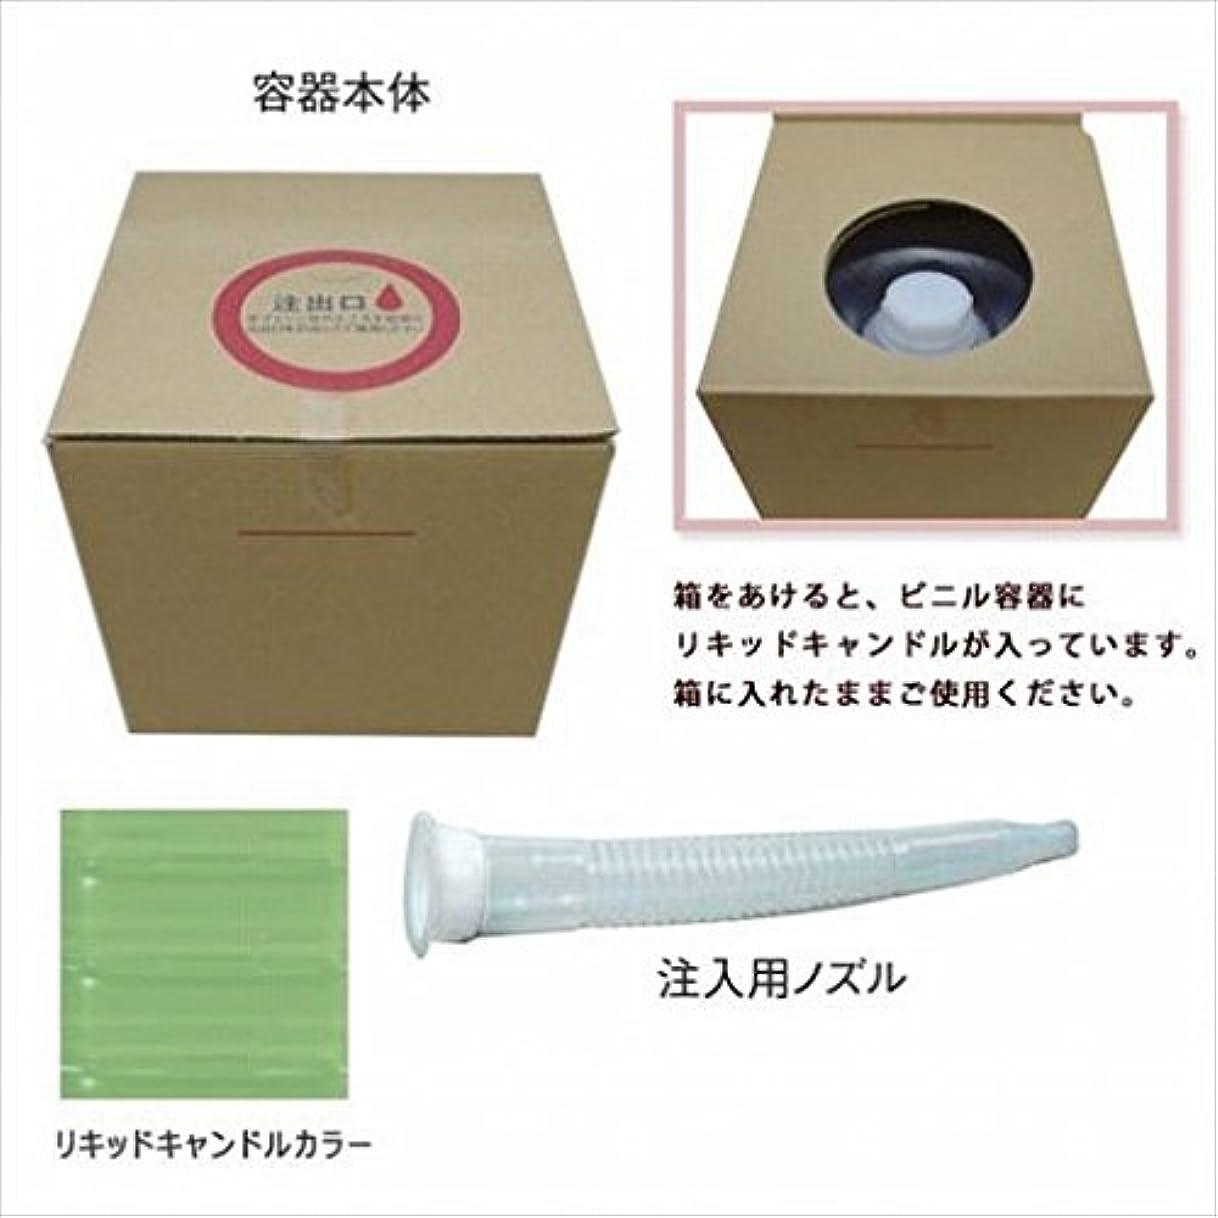 テクトニック疑問を超えてキノコkameyama candle(カメヤマキャンドル) リキッドキャンドル5リットル 「 ライトグリーン 」(77320000LG)